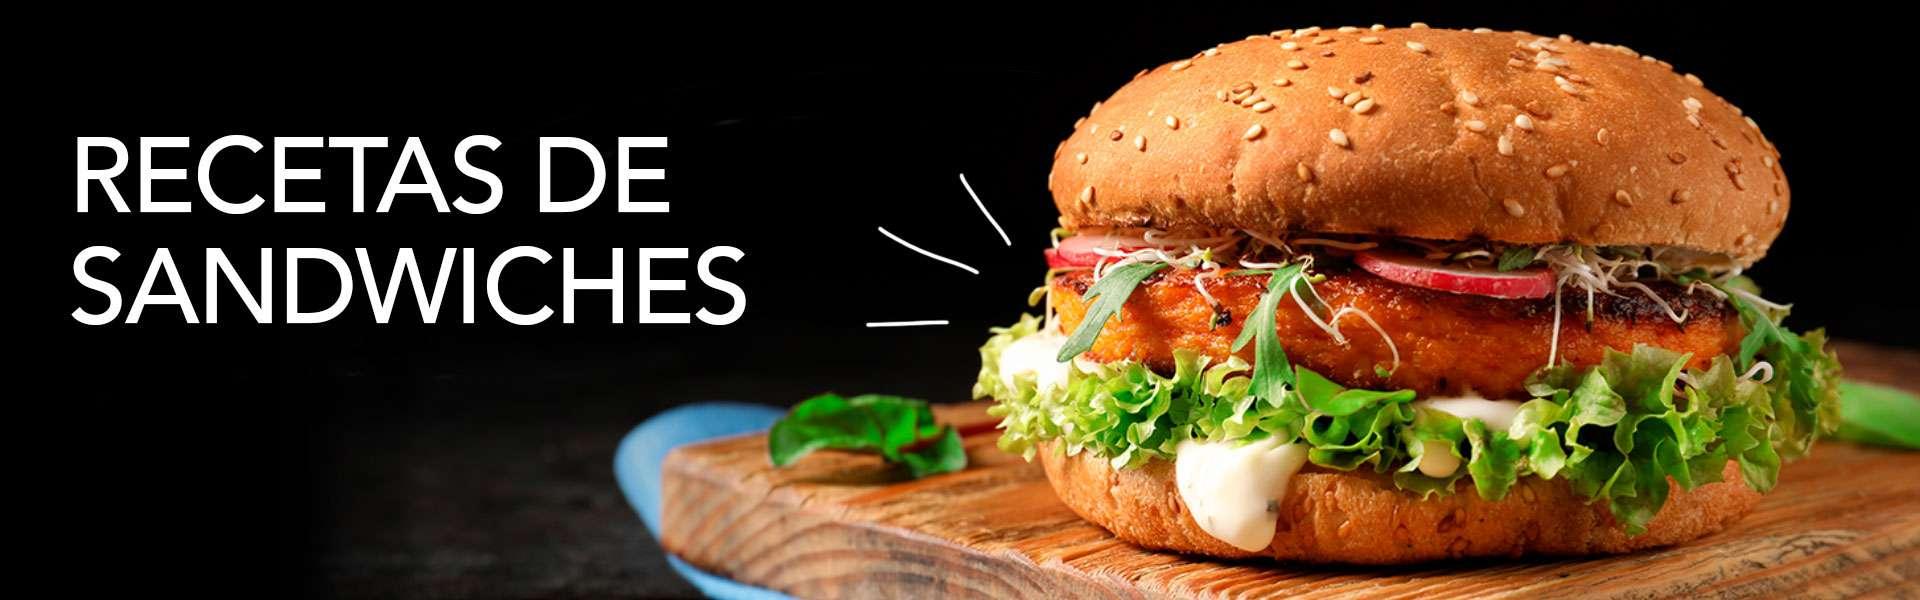 Sandwiches Recetas